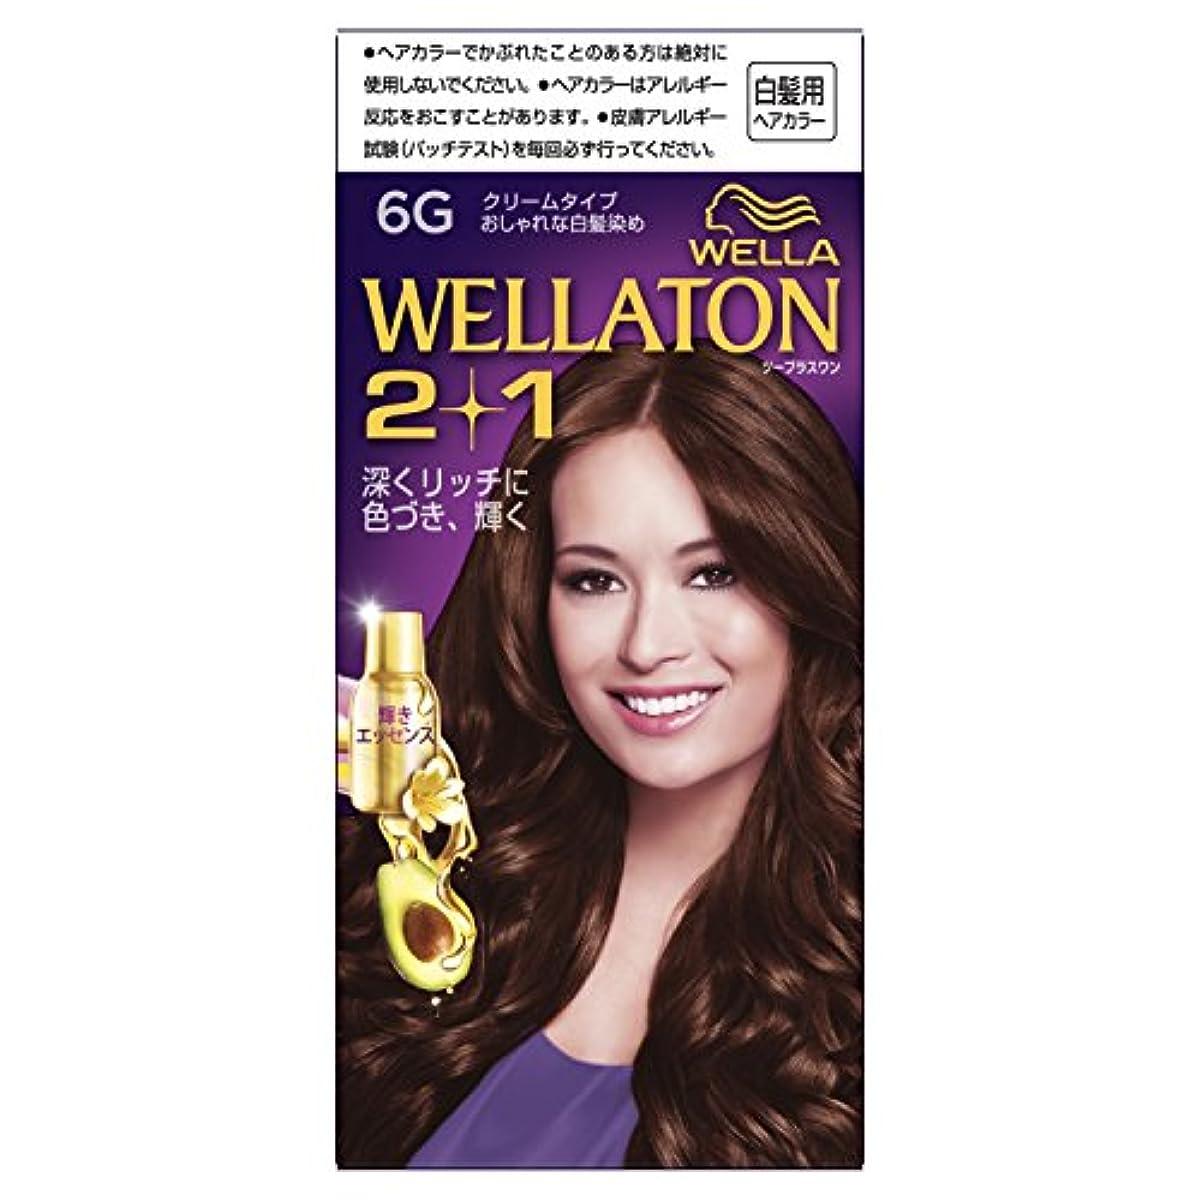 アナウンサー方向失効ウエラトーン2+1 クリームタイプ 6G [医薬部外品](おしゃれな白髪染め)